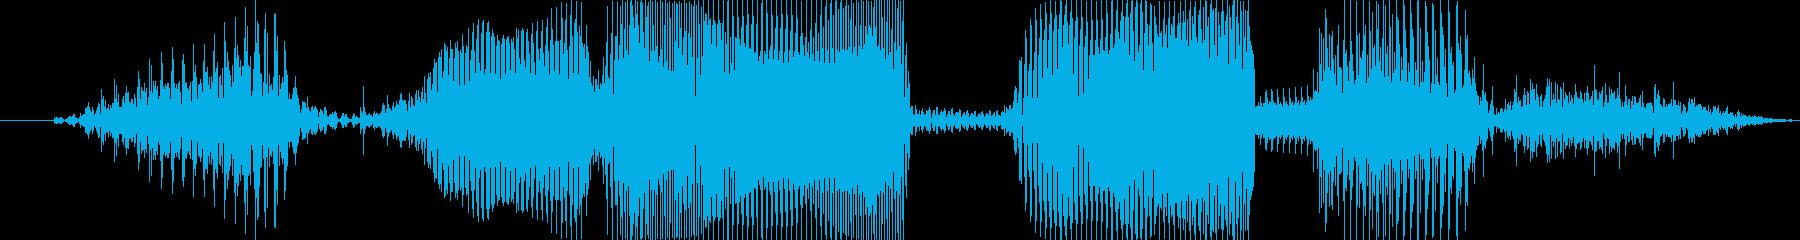 レギュラーボーナス!の再生済みの波形